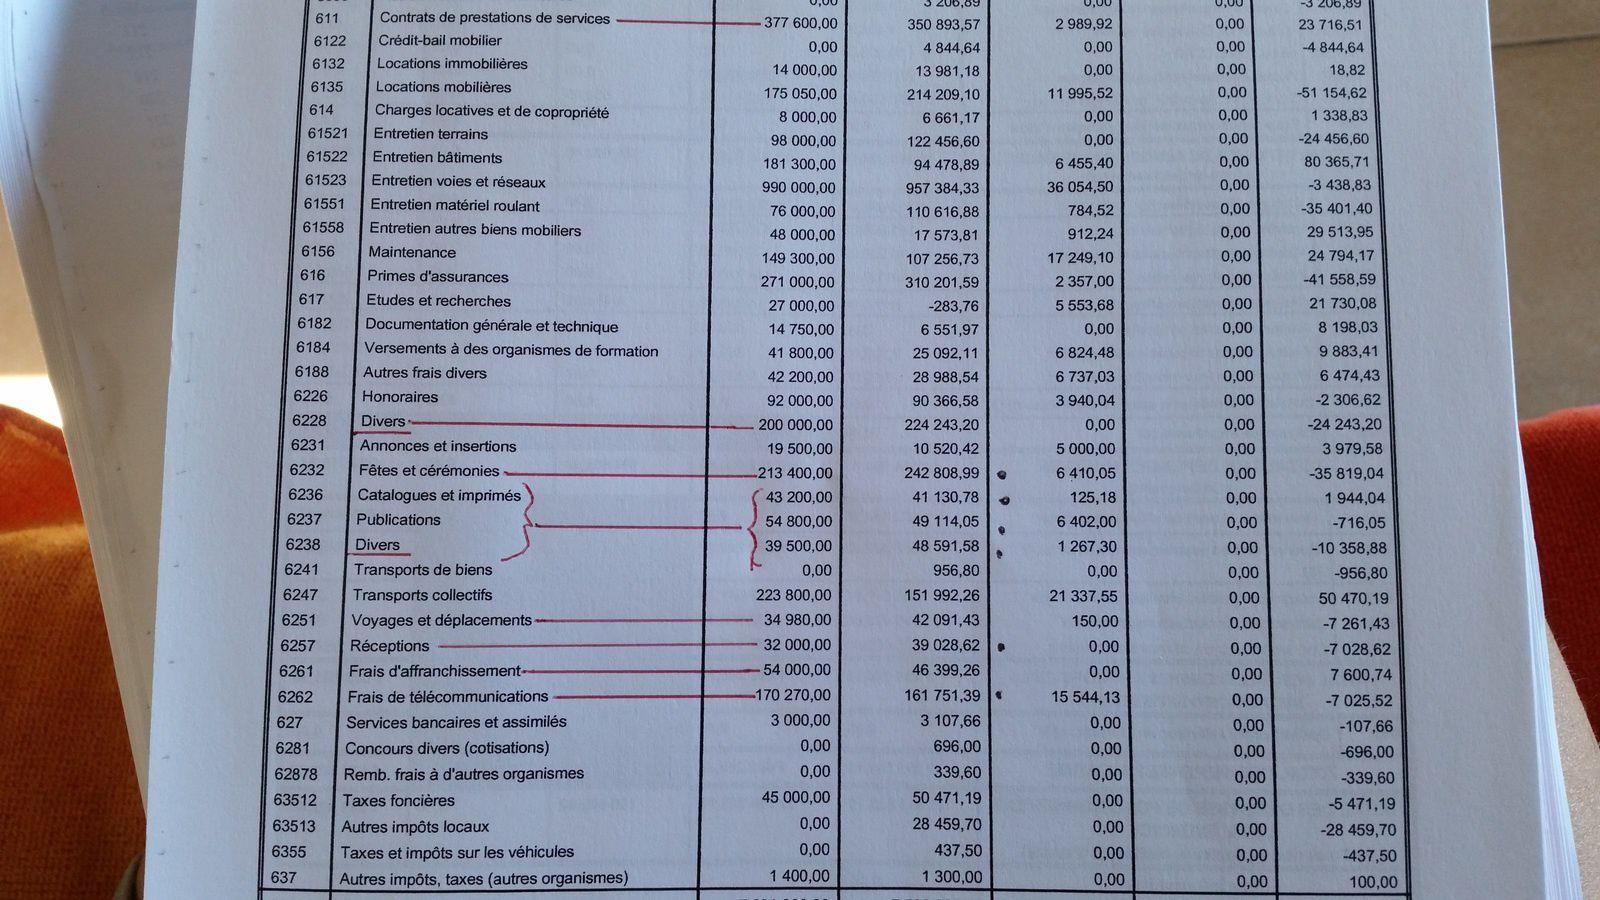 Résultats de l'exercice 2014 et quelques exemples de dépenses...impressionnantes! Pas glorieux...